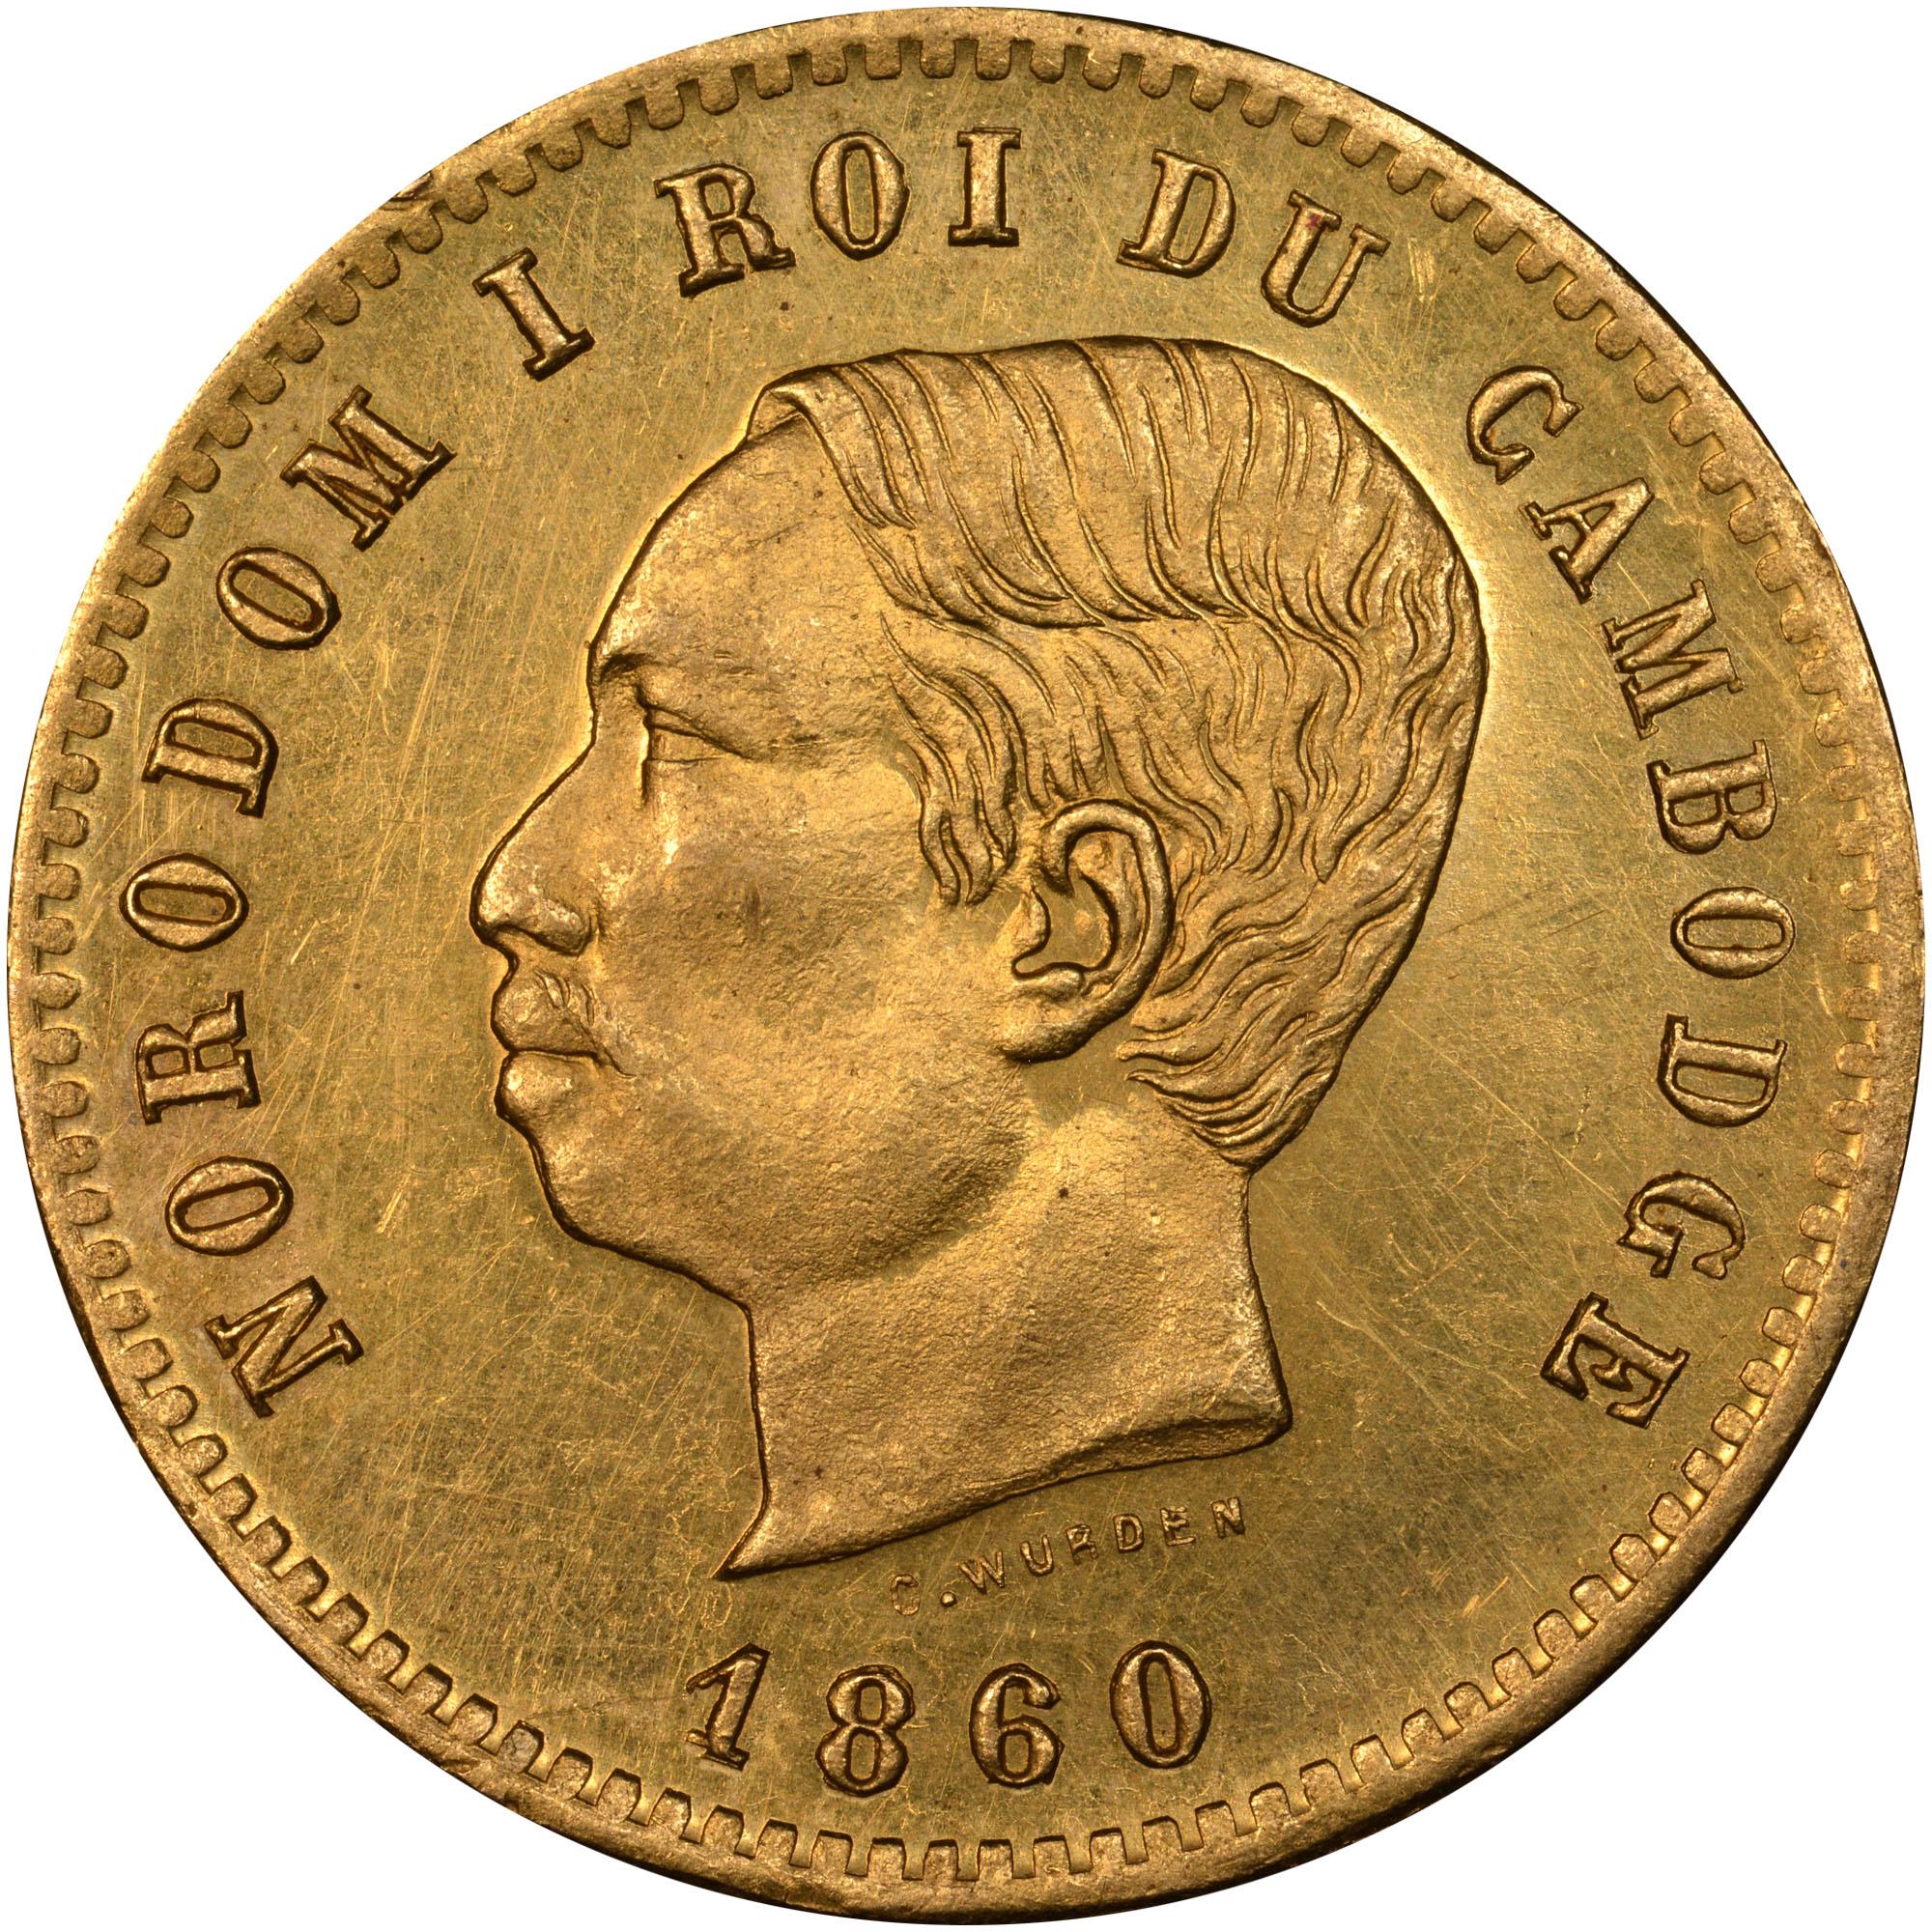 1860 Cambodia 10 Centimes obverse